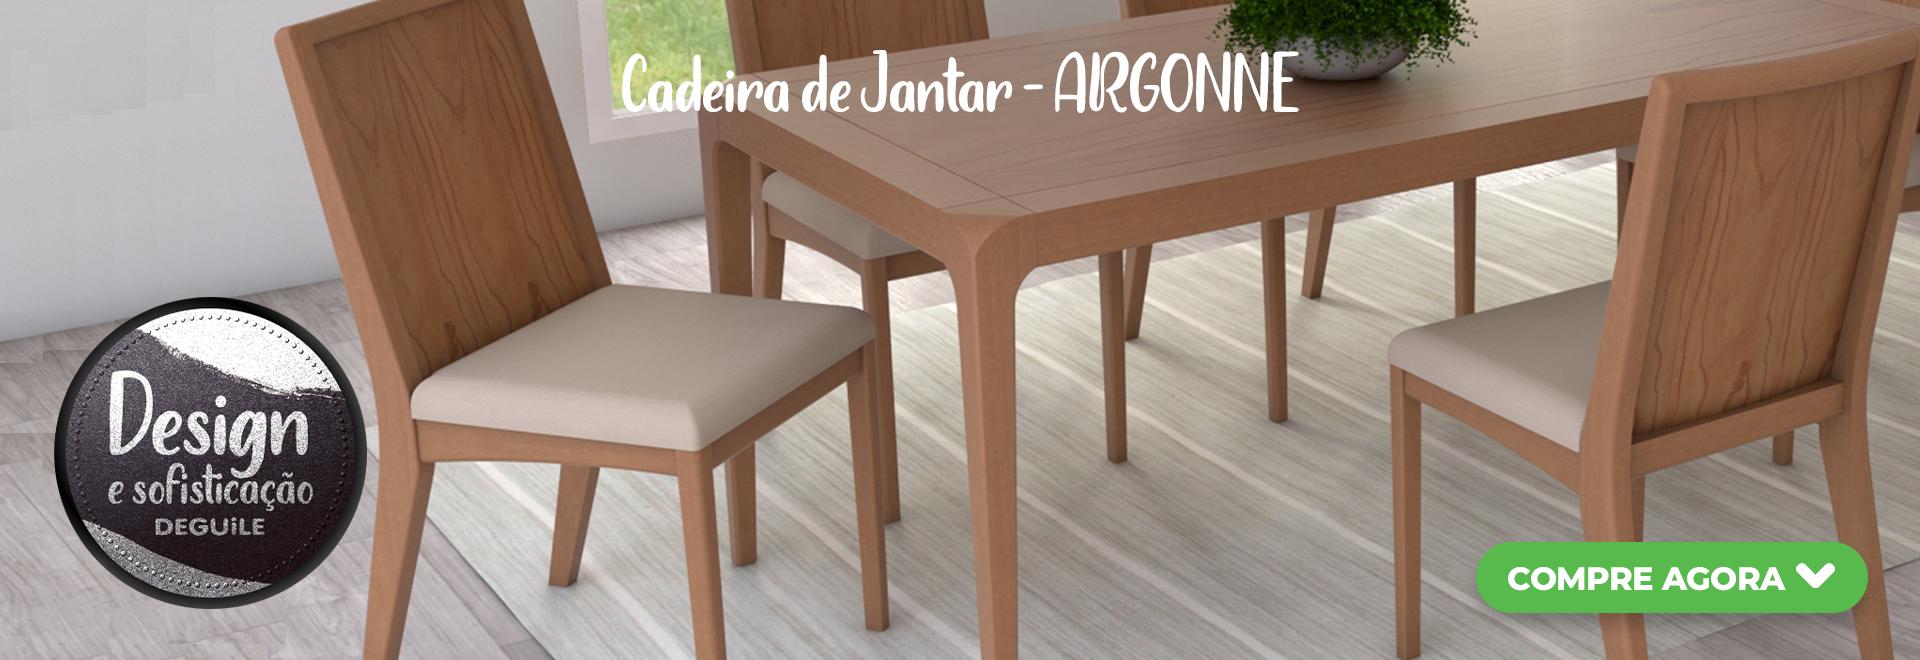 Cadeira de Jantar - ARGONNE